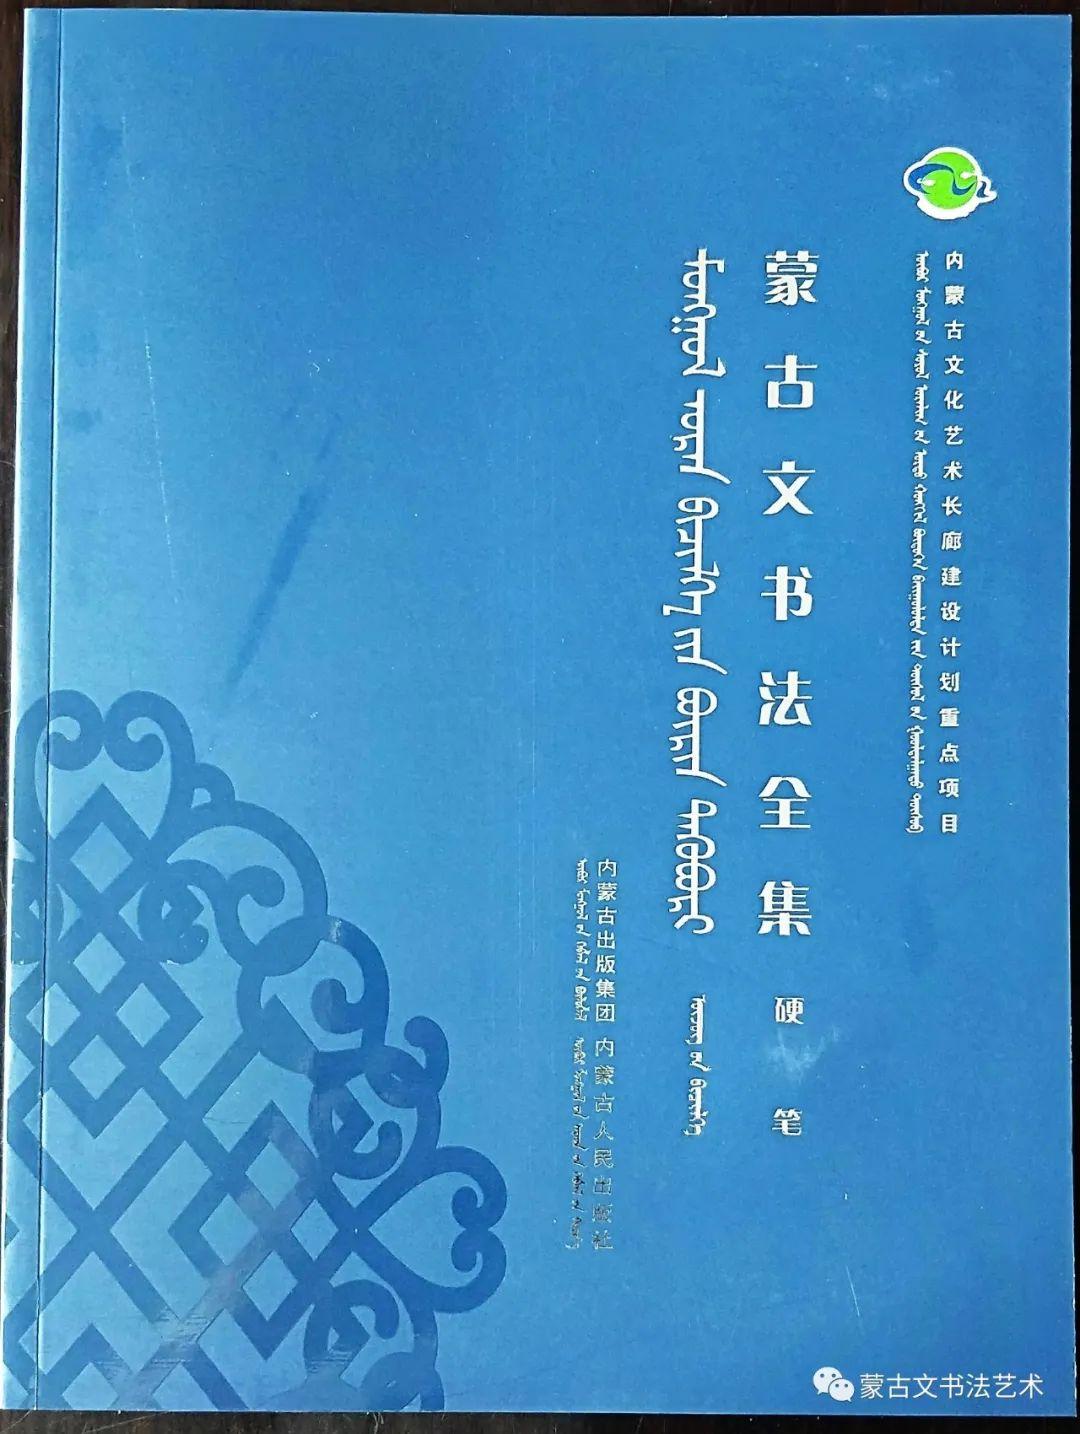 蒙古文书法全集 第21张 蒙古文书法全集 蒙古书法